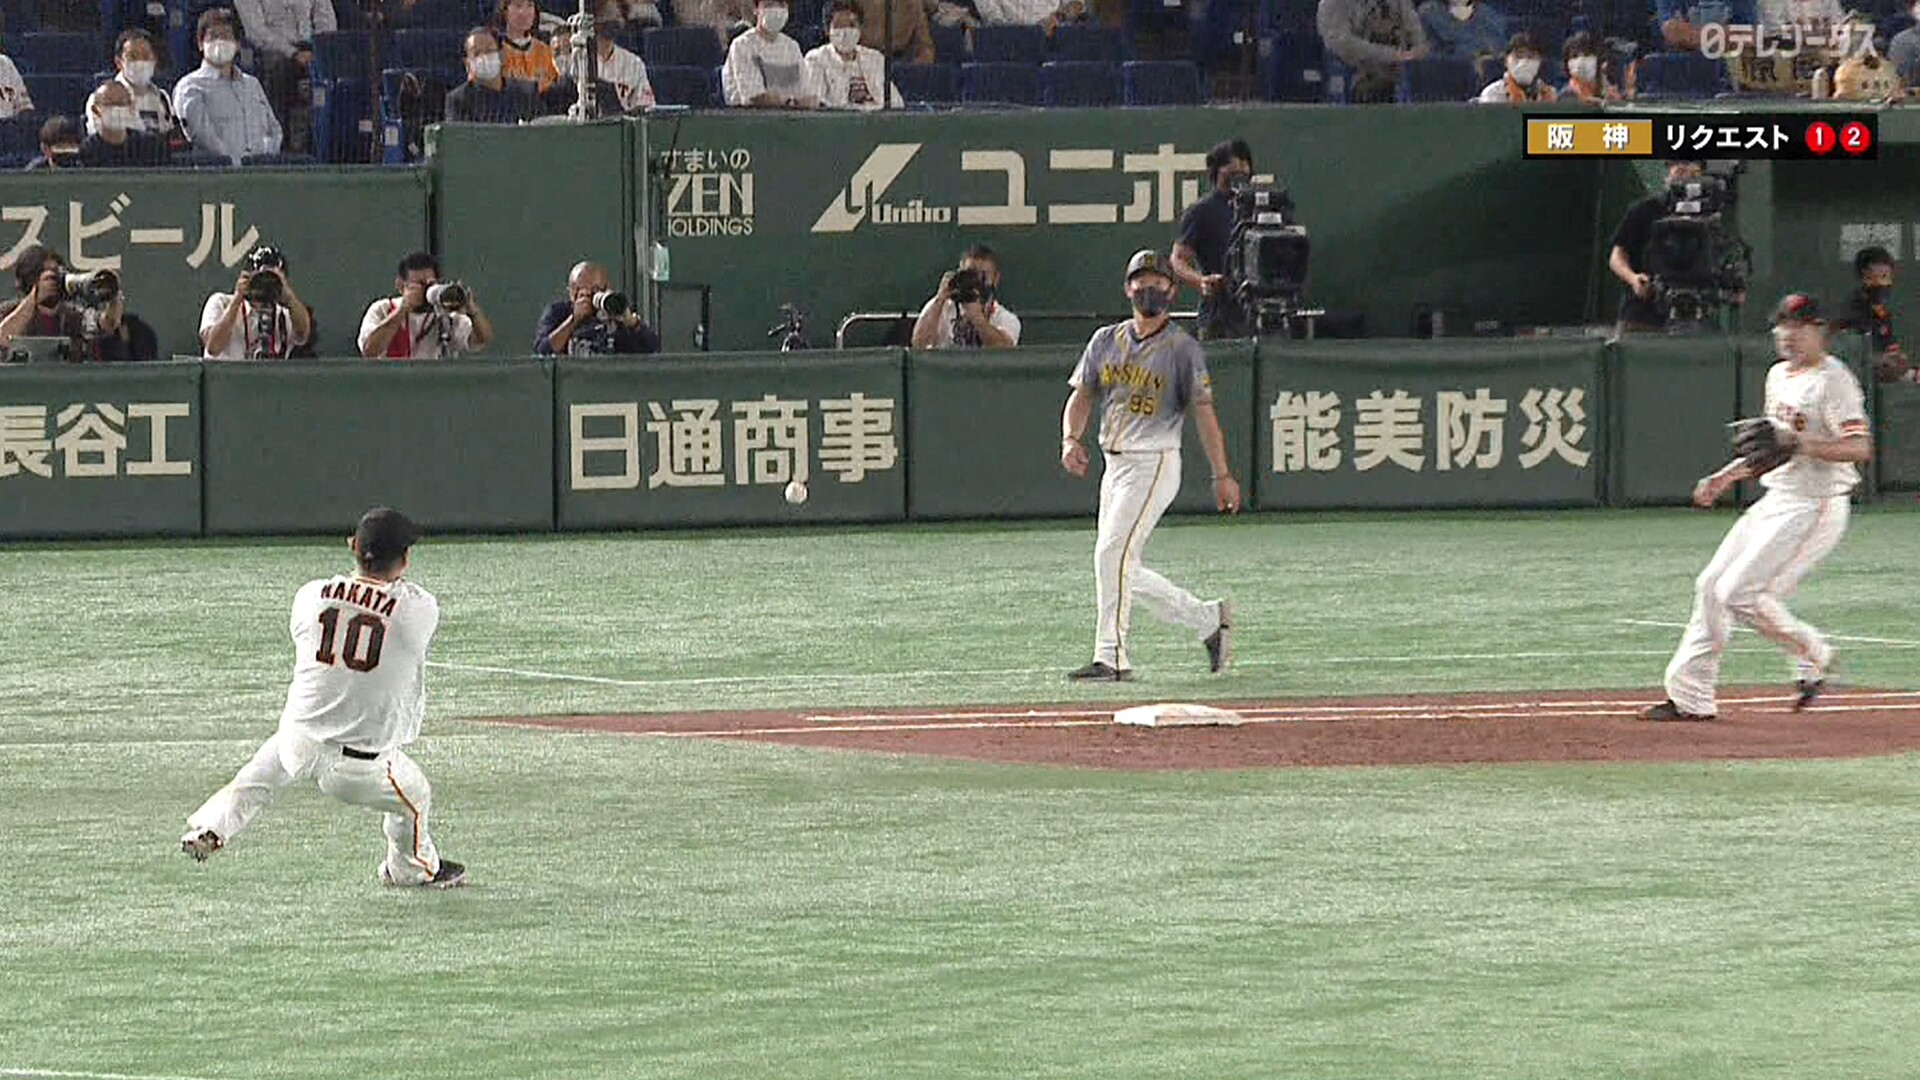 中田翔、すげえ守備!さすが守備の人!